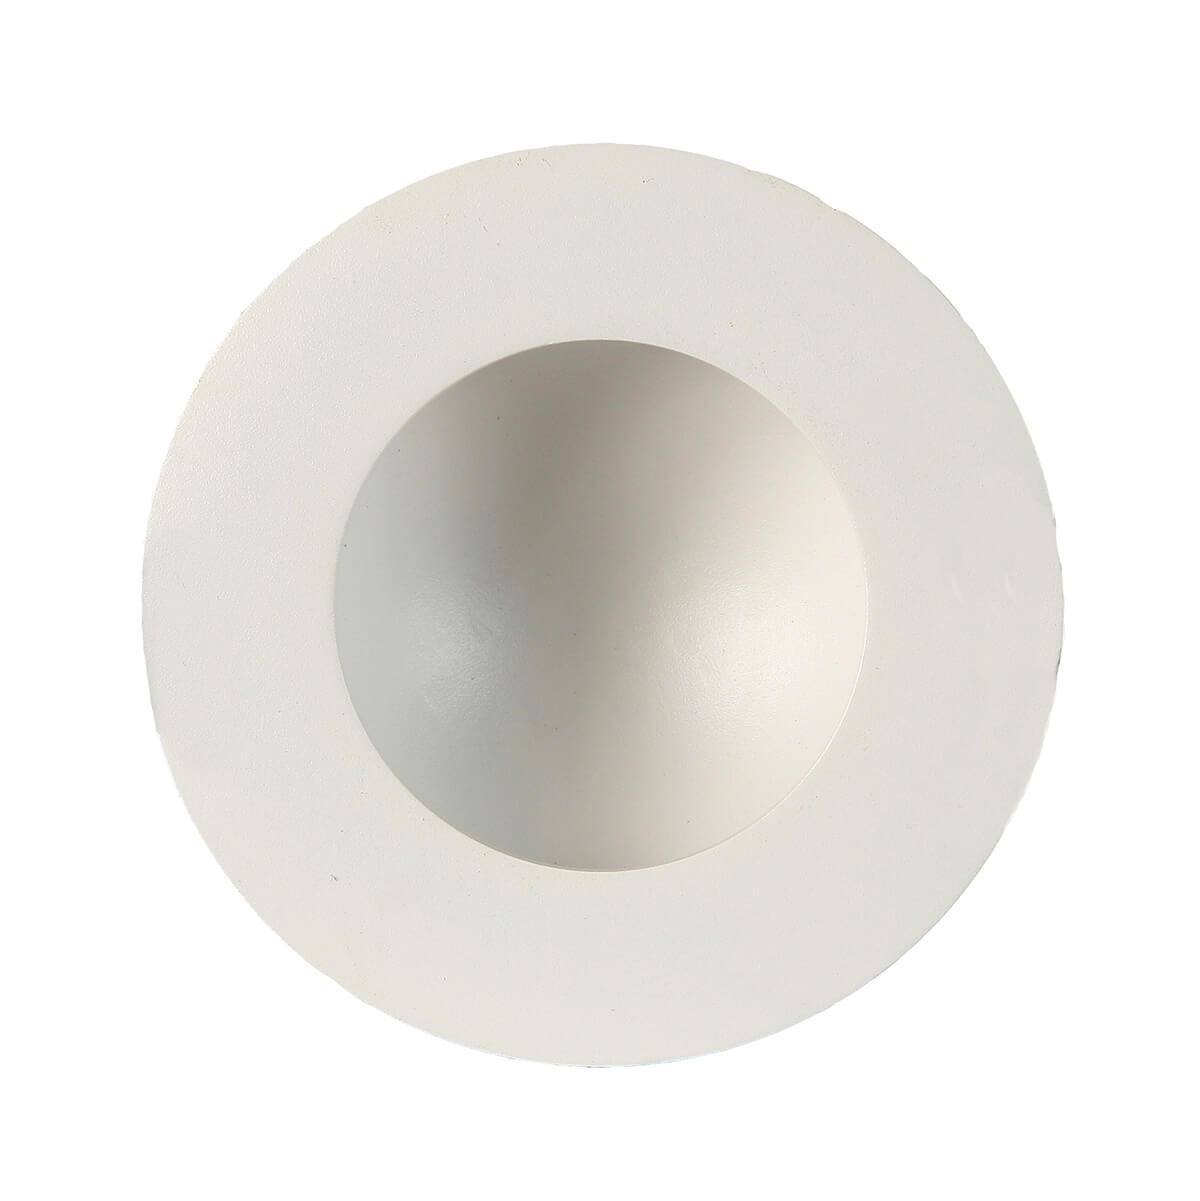 Светильник Mantra C0041 Cabrera встраиваемый светильник cabrera c0047